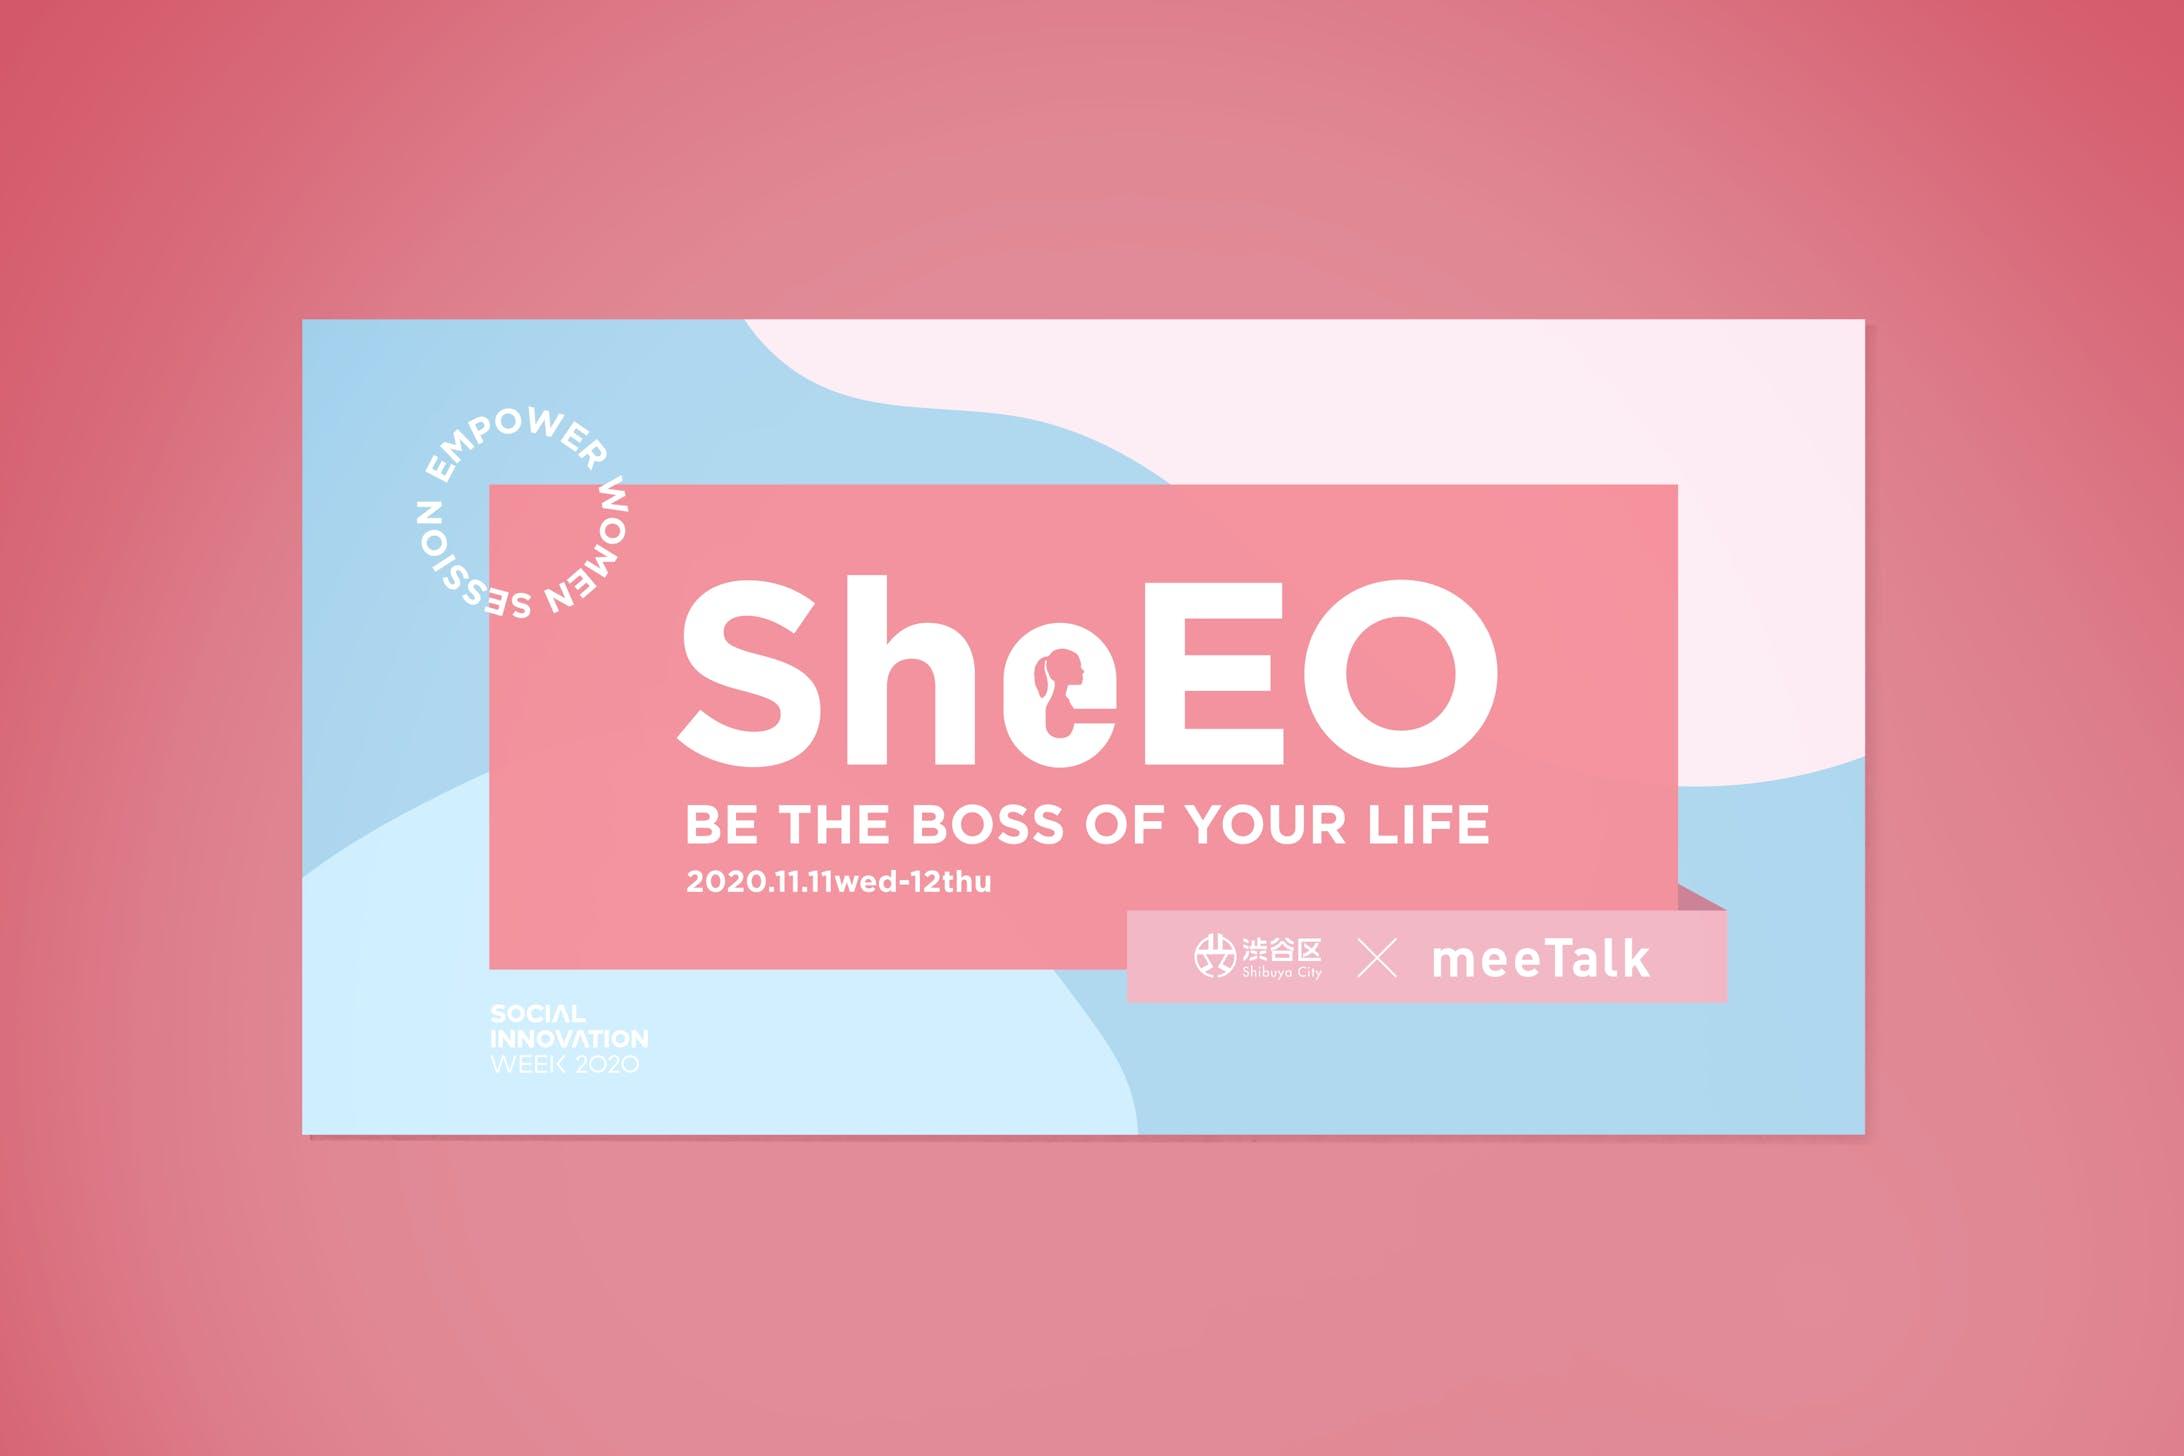 Shiubya-ku & meeTalk『SheEO – BE THE BOSS OF YOUR LIFE』-1